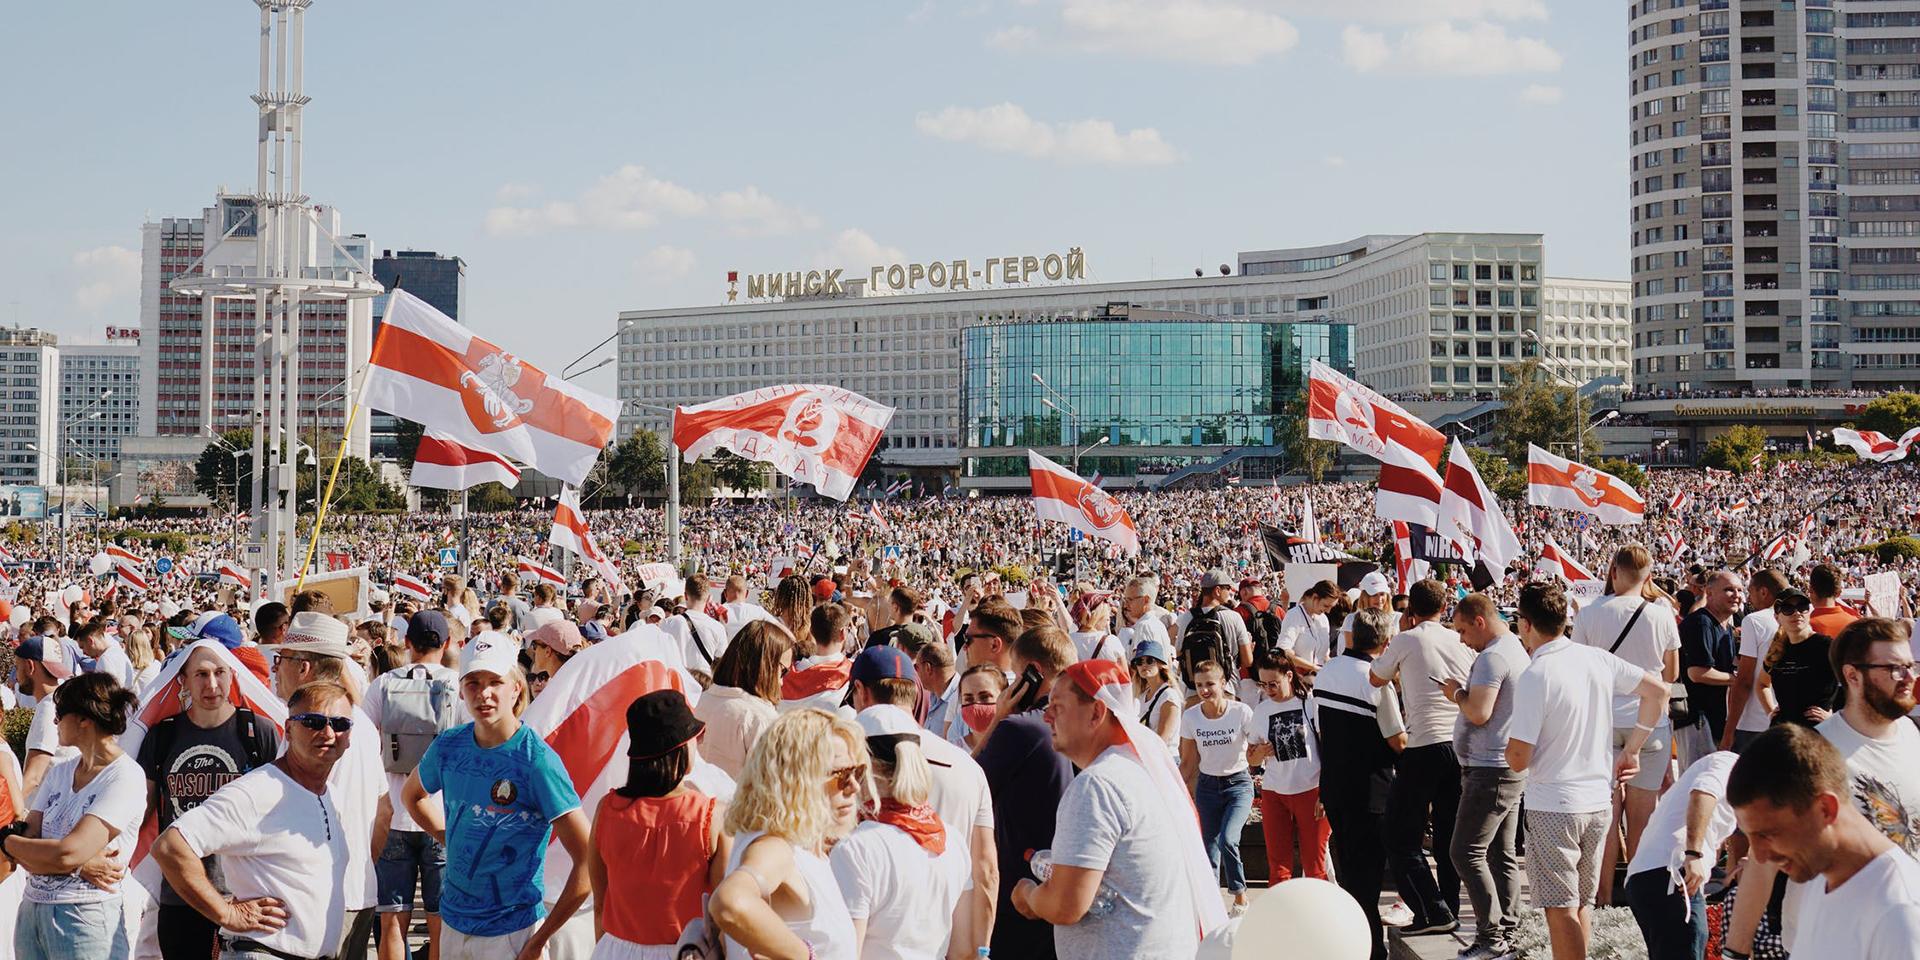 Nach den Präsidentschaftswahlen im August 2020: In großer Zahl kommen Menschen in Minsk und anderen Städten zusammen, um friedlich gegen das offizielle Wahlergebnis zu demonstrieren.